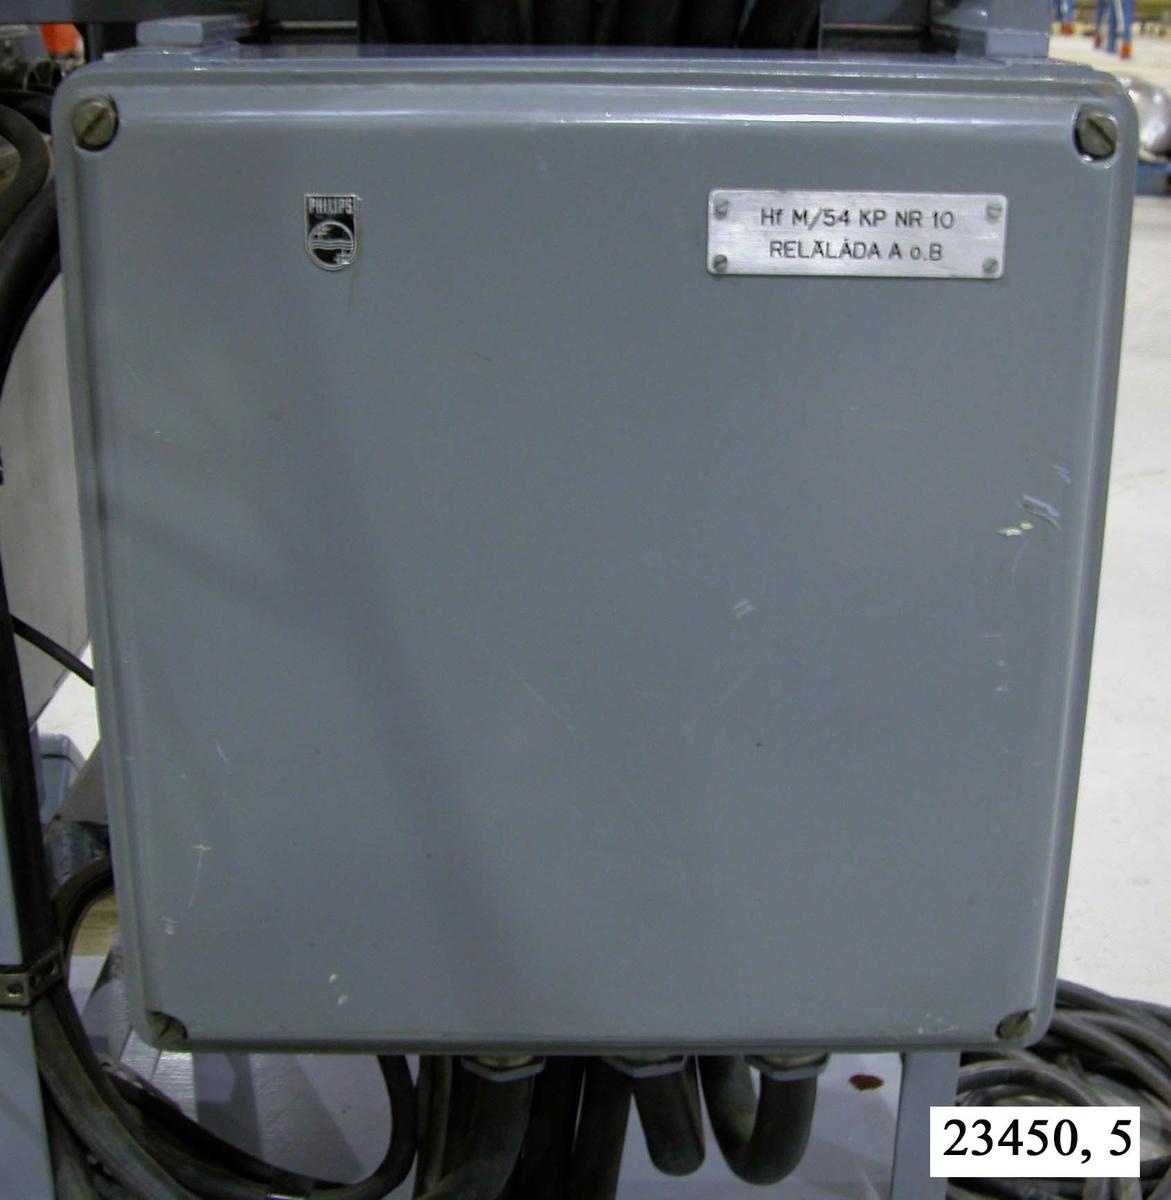 """Rektangulär, grålackerad och slät box av metall. I respektive hörn sitter bultar. I relälådans högra hörn sitter en metallbricka försedd med texten """"Hf M/54 KP NR 10, RELÄLÅDA A o. B"""". I relälådans underdel sitter ett antal kablar fästa. Relälådan är monterad på ett hydrofonstativ, nere till höger på stativets baksida.  Not: Kablaget är ej medräknat i dimensionerna."""